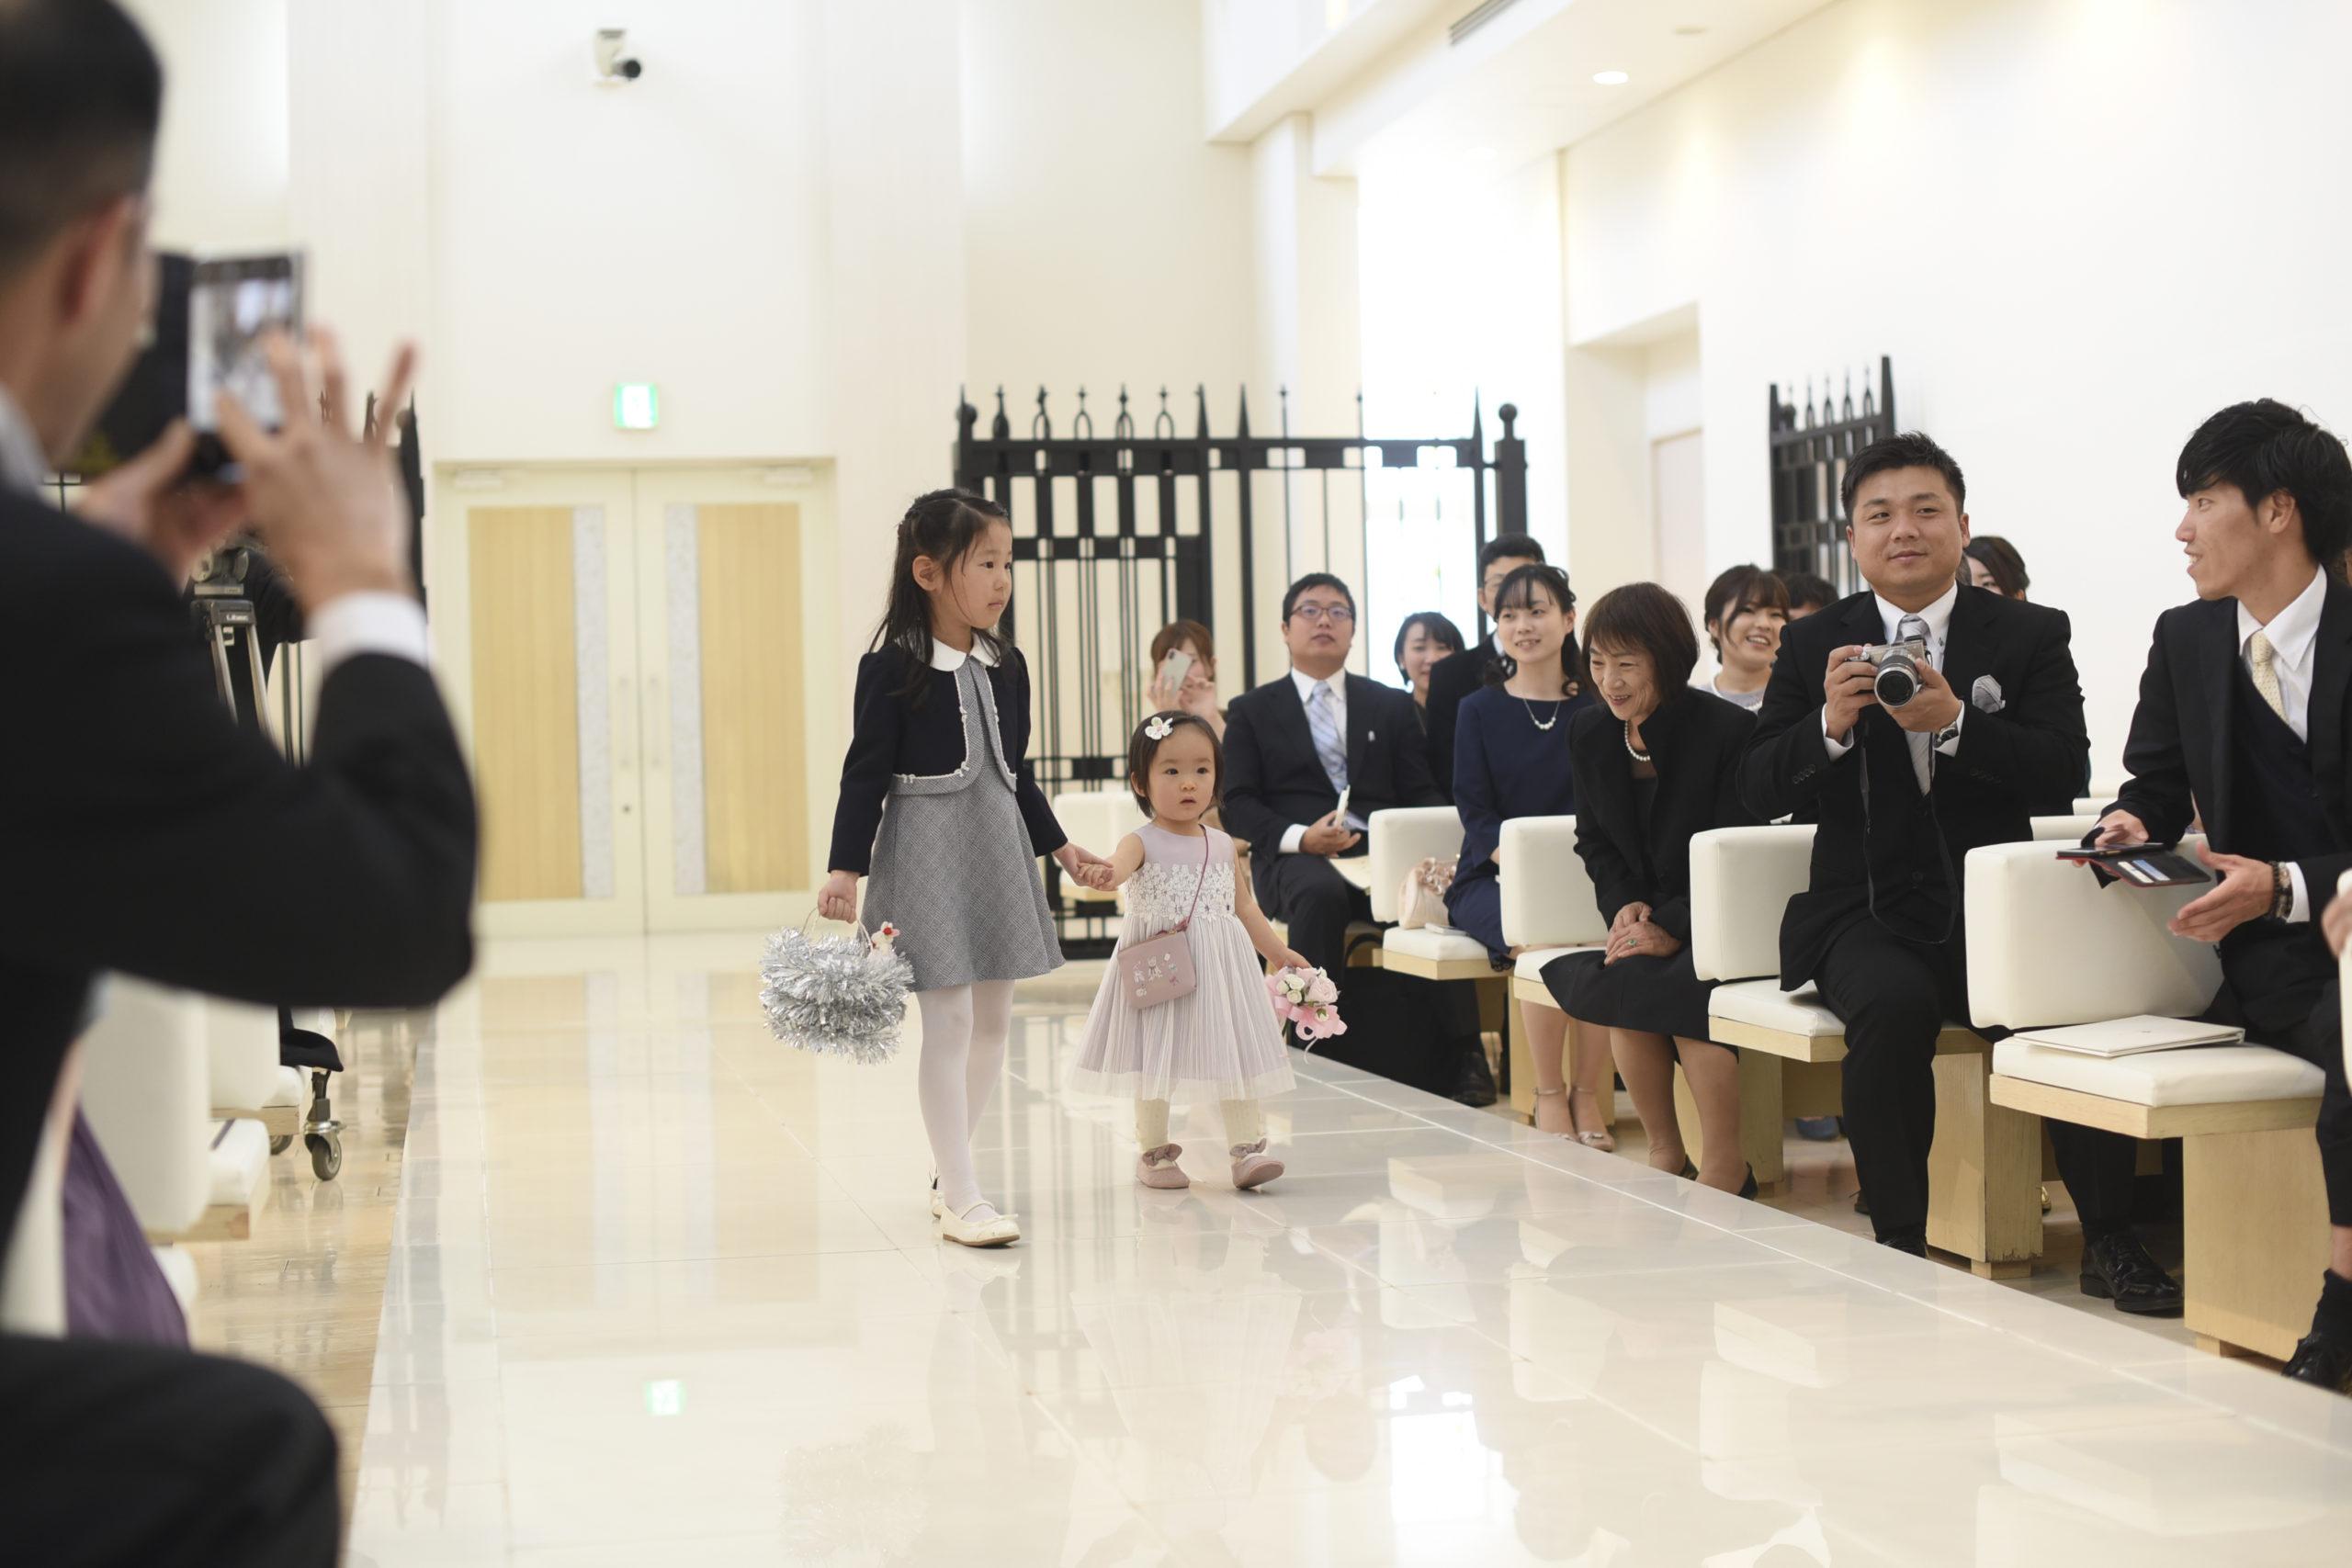 徳島市の結婚式場ブランアンジュでマリッジリングを運ぶかわいらしいリングガール